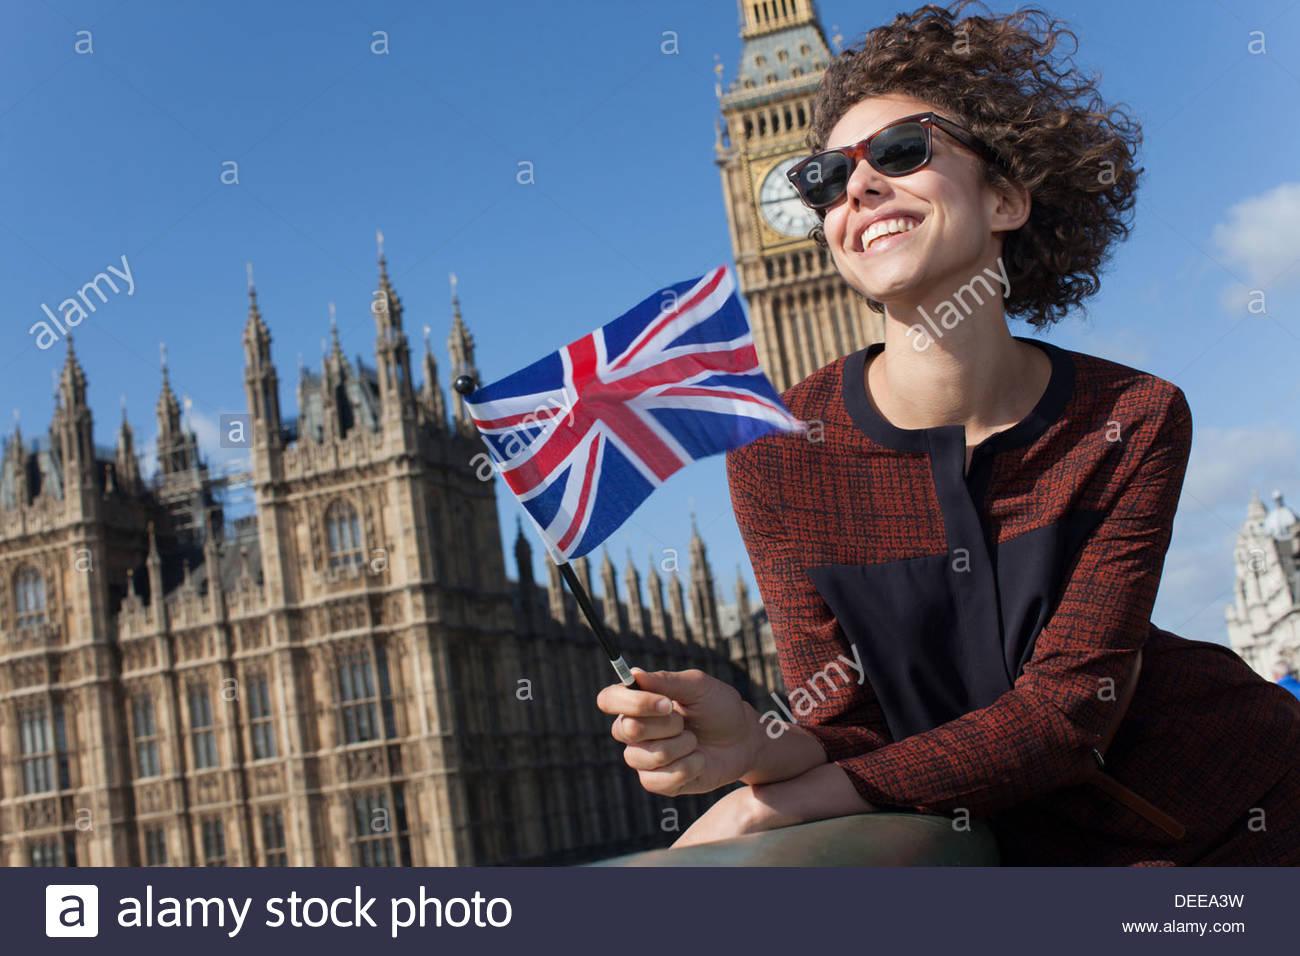 Ritratto di donna sorridente con bandiera britannica nella parte anteriore del Big Ben Itinerari Segreti di Palazzo Ducale Immagini Stock